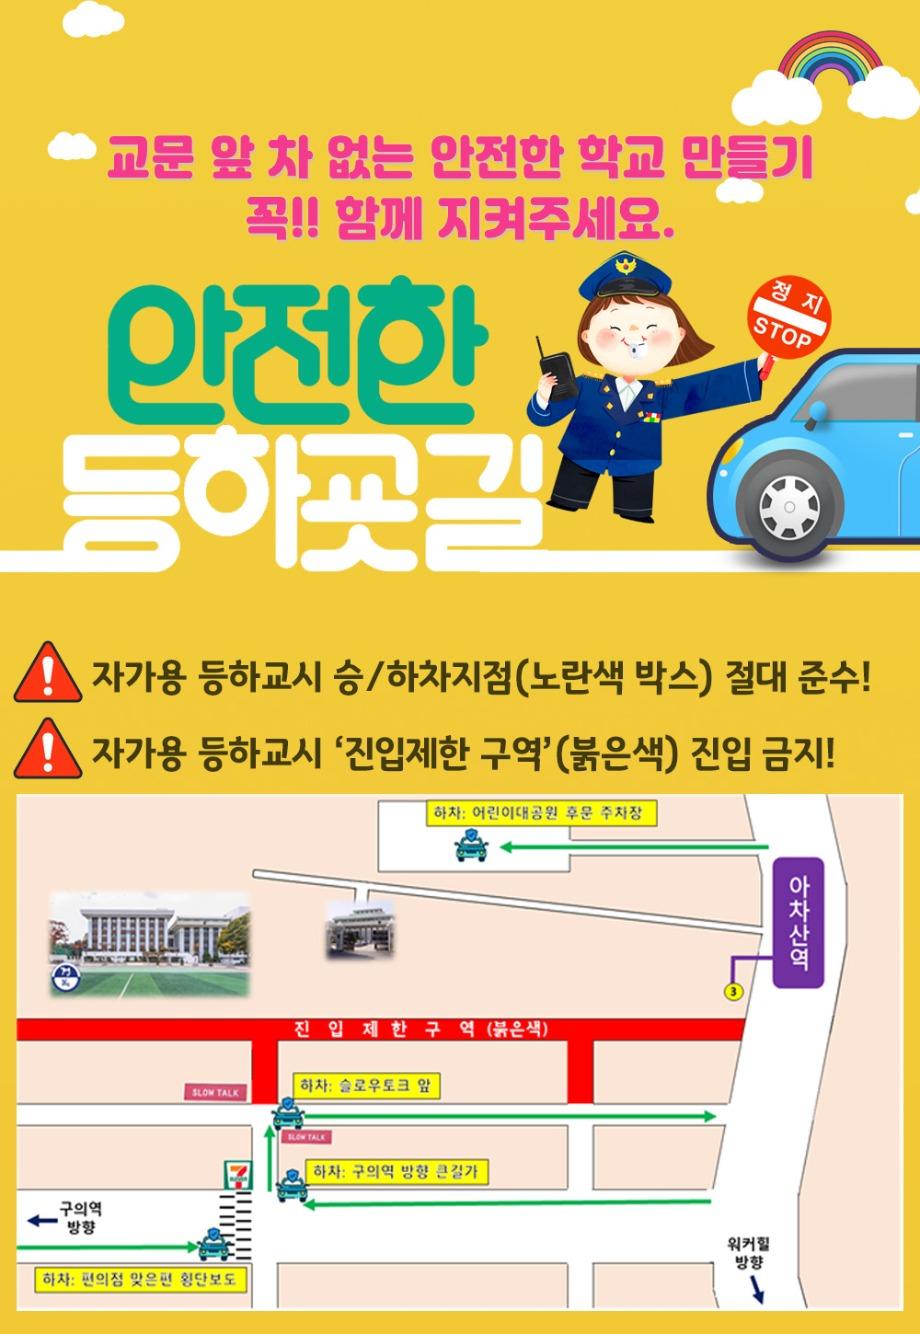 학교앞 차없는 안전한 행복학교_본문(수정).jpg